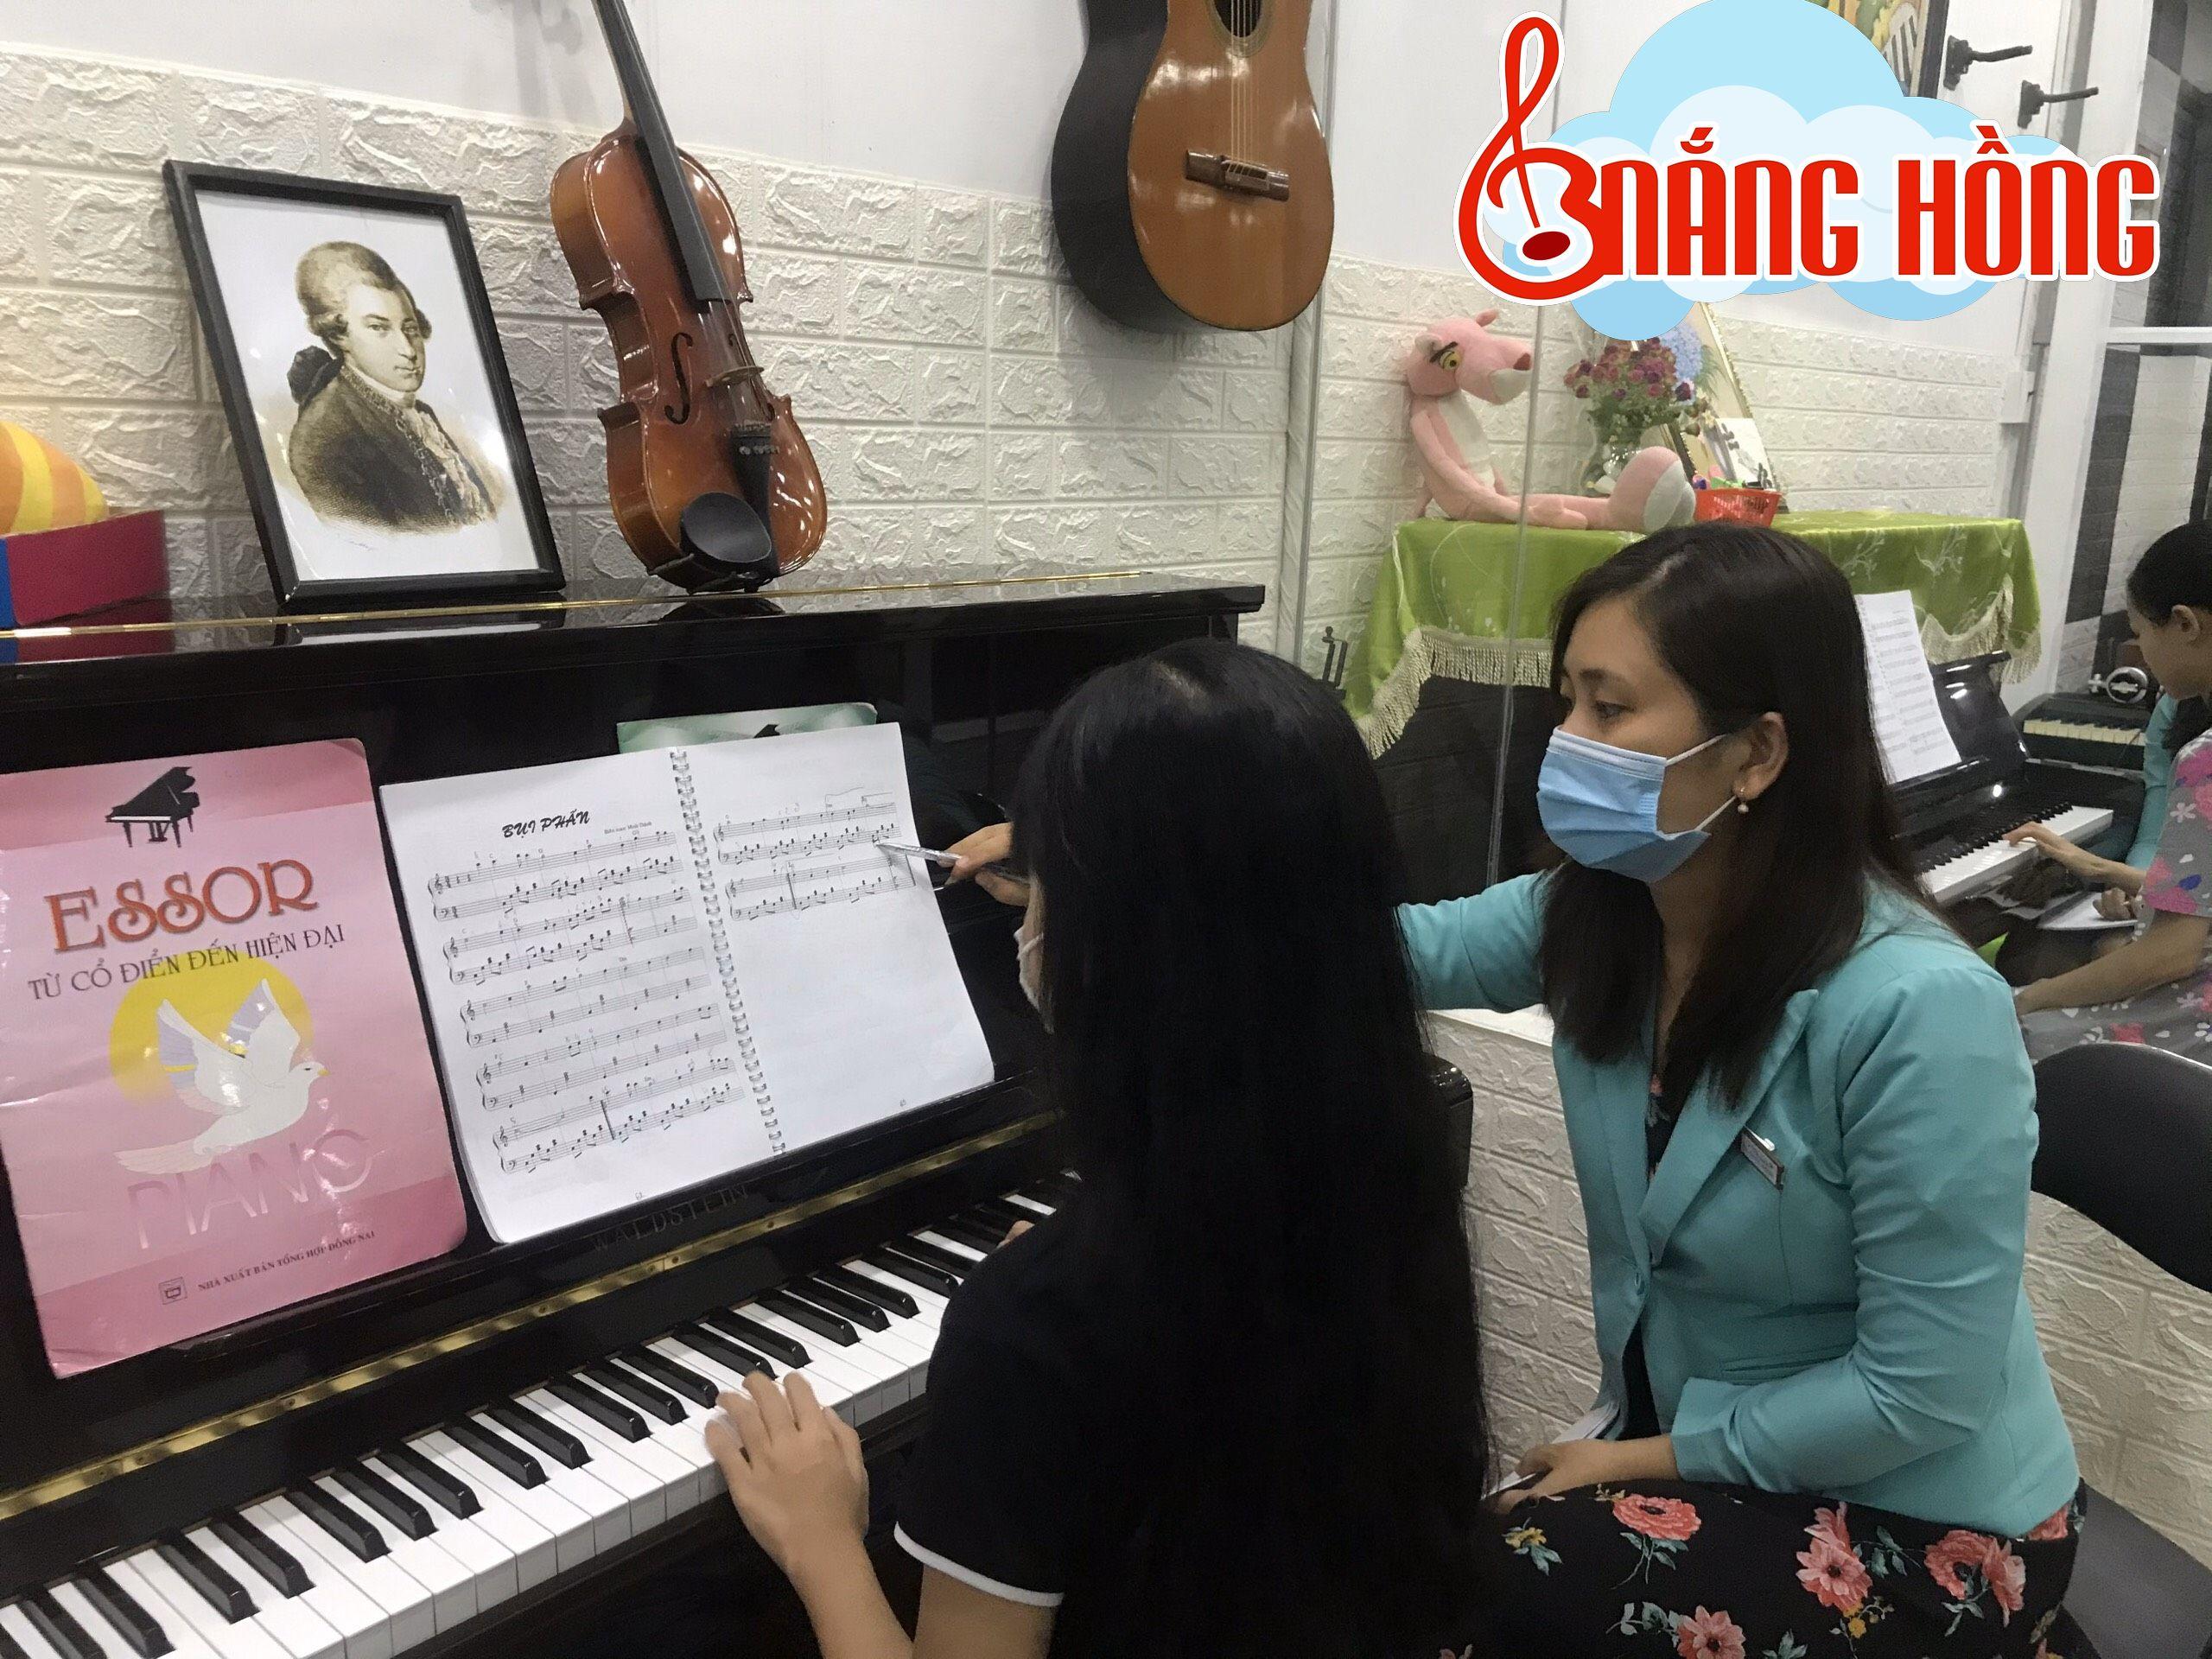 HỌC PIANO BAO LÂU THÌ ĐÀN ĐƯỢC 1 BÀI?